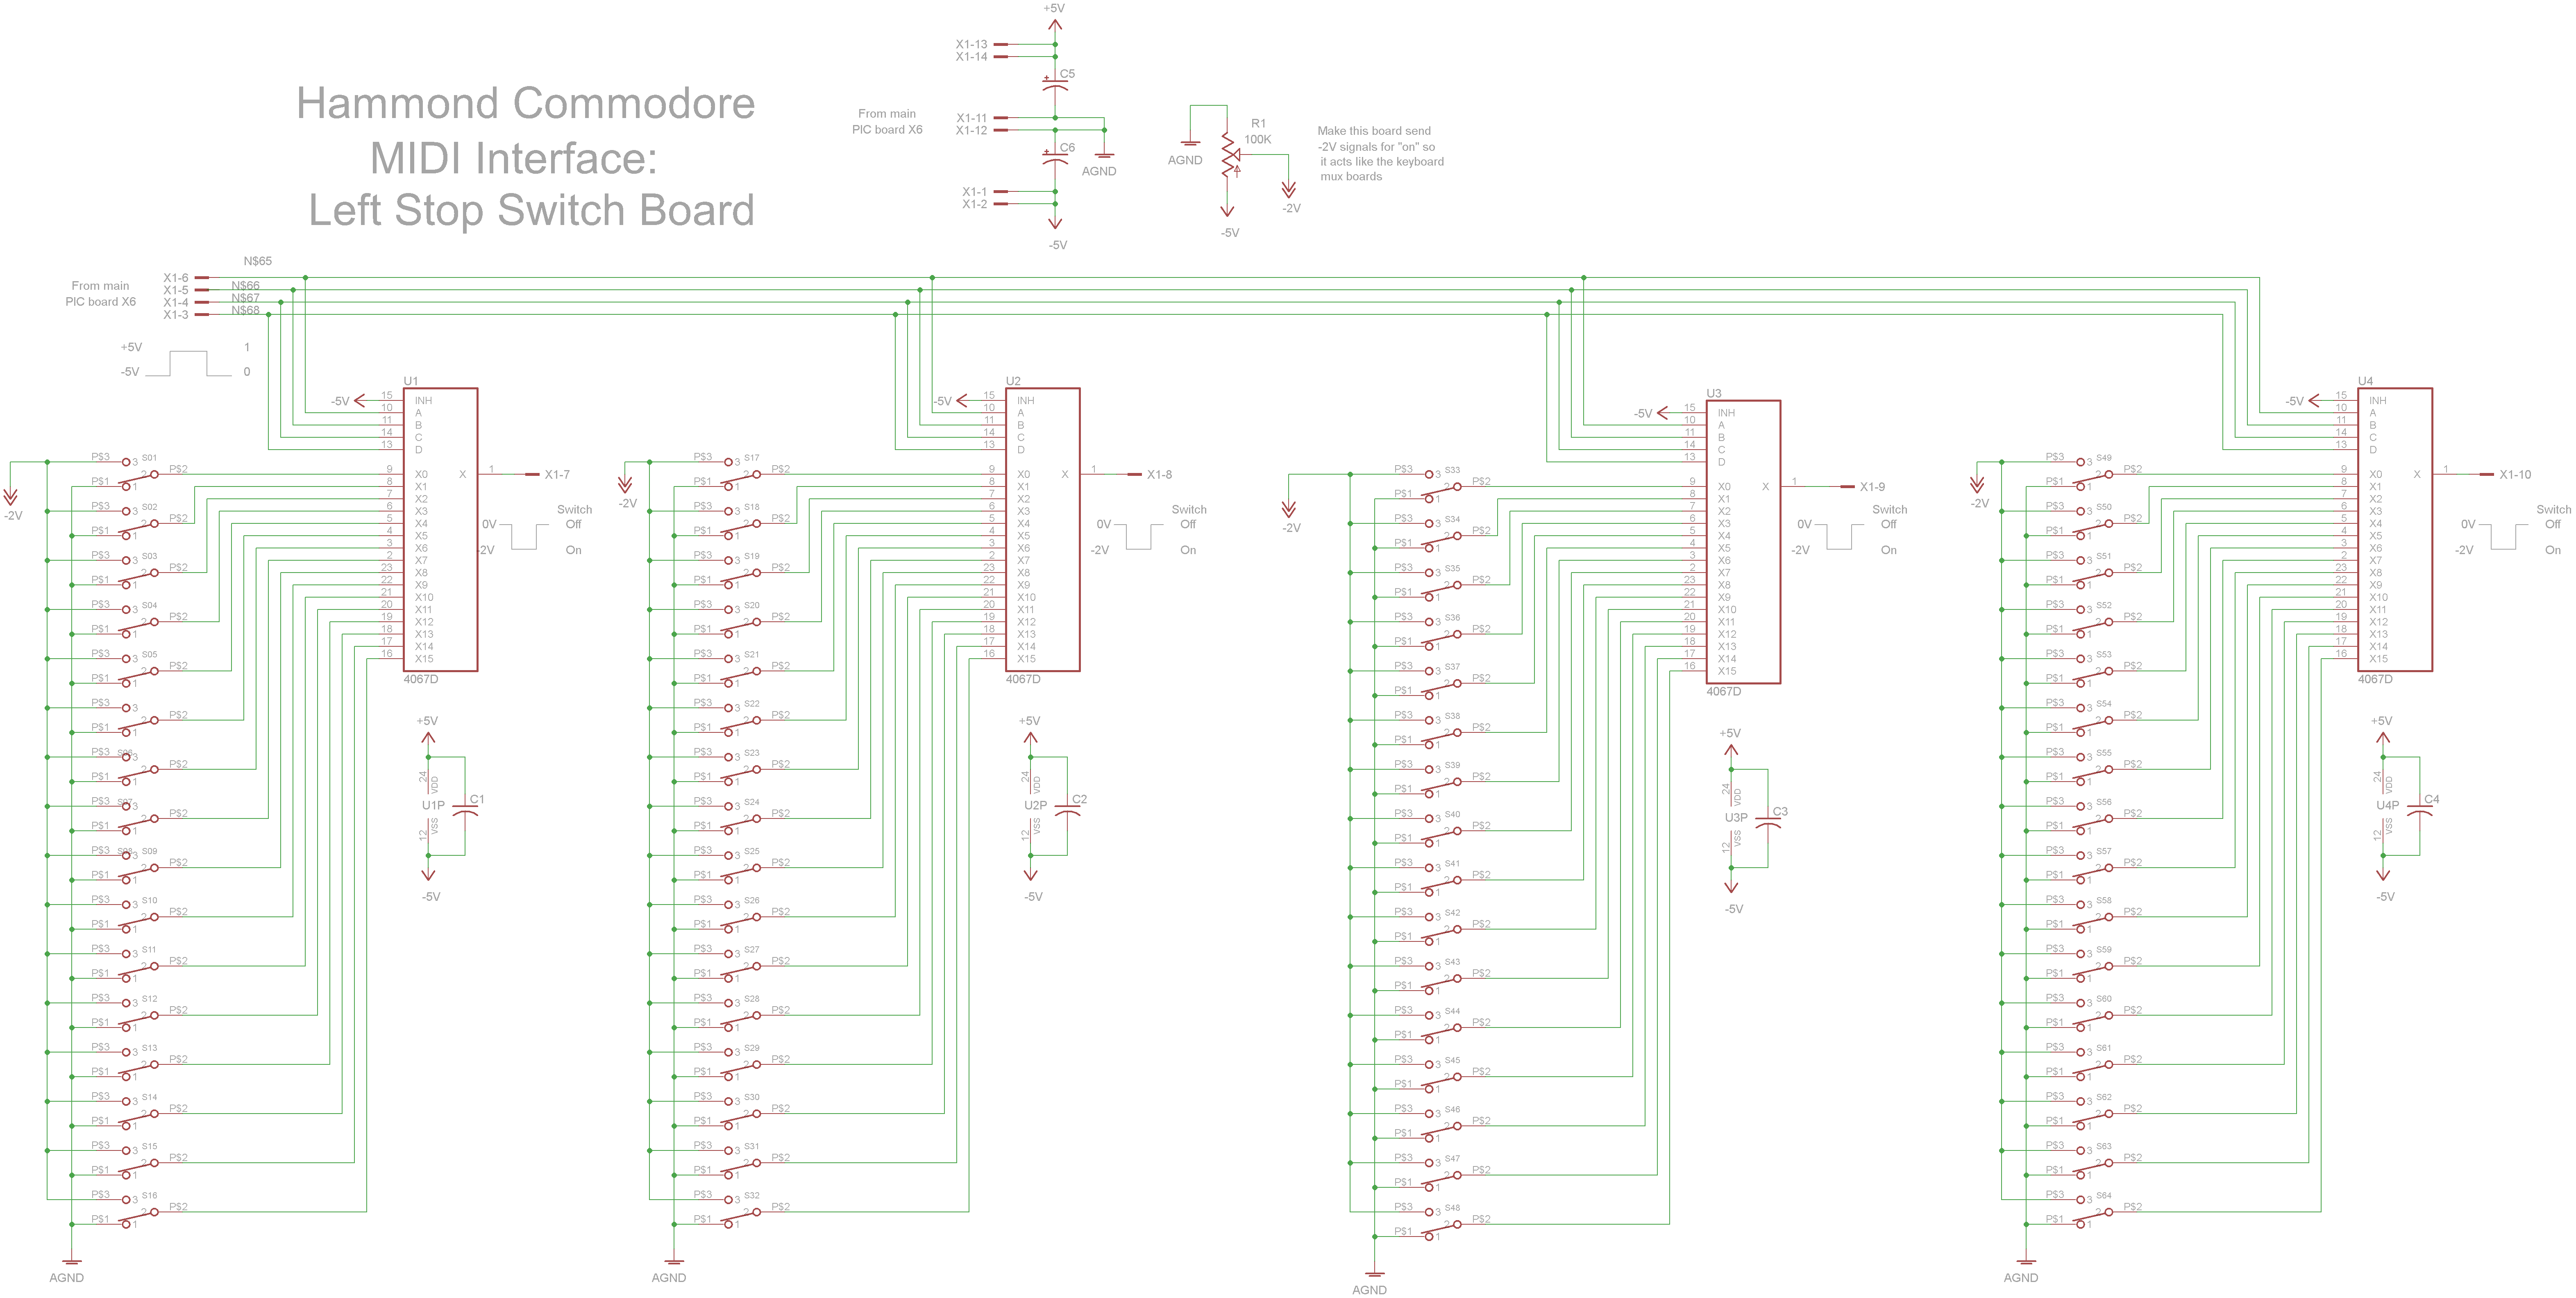 Hammond Commodore MIDI Interface